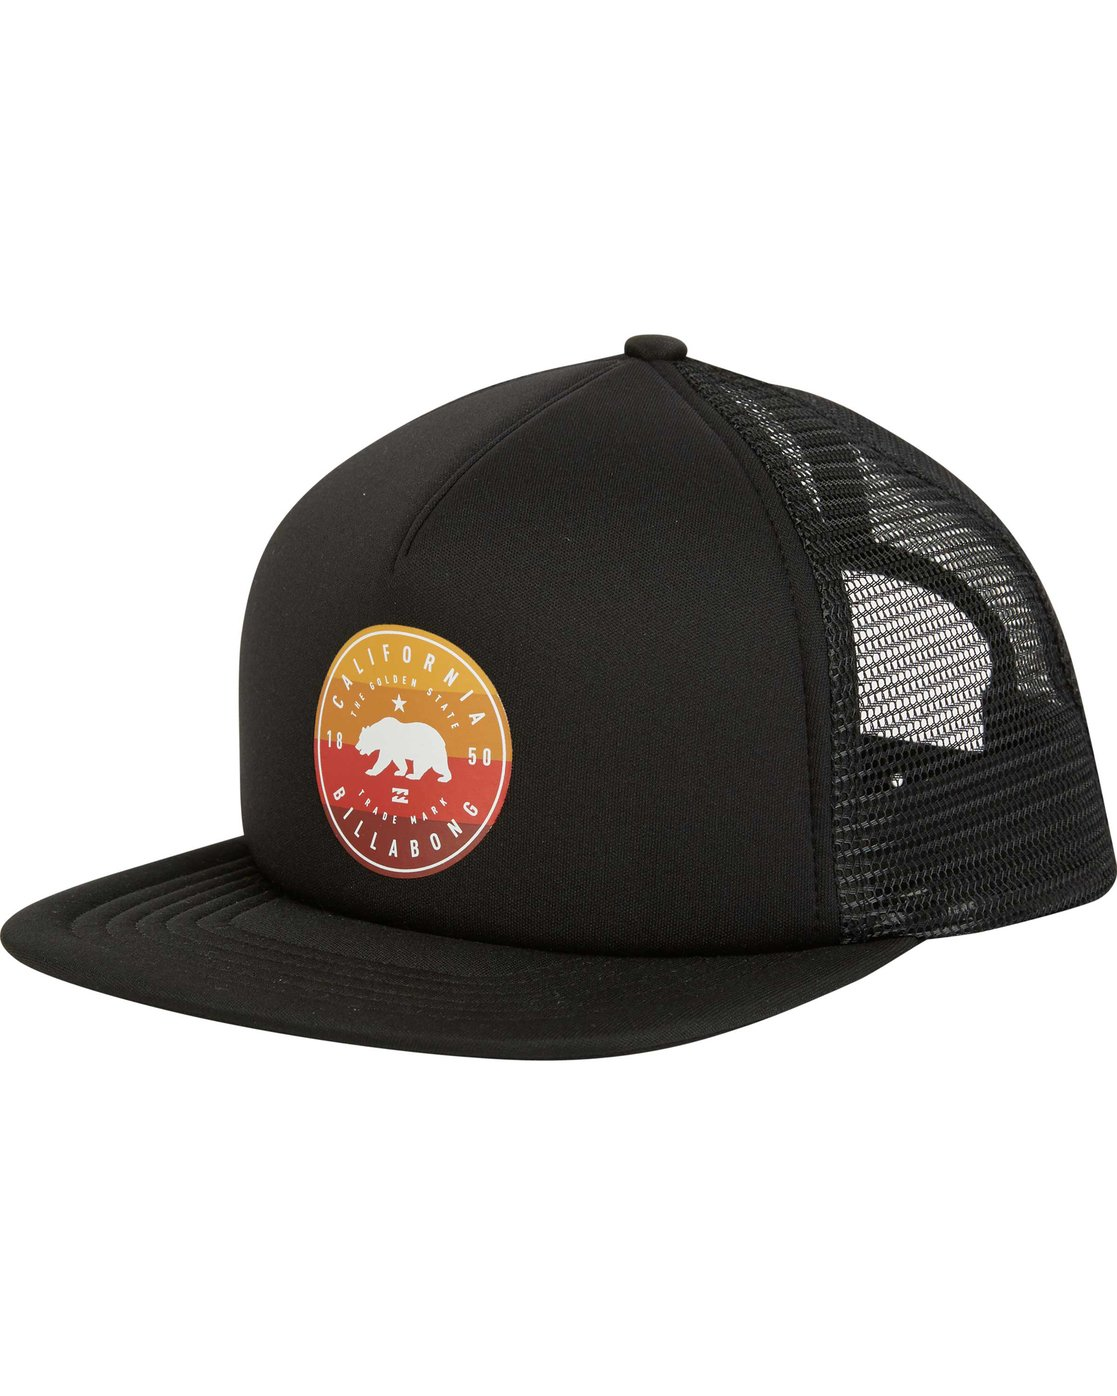 99909ad204303 0 California Trucker Hat MAHWNBCA Billabong